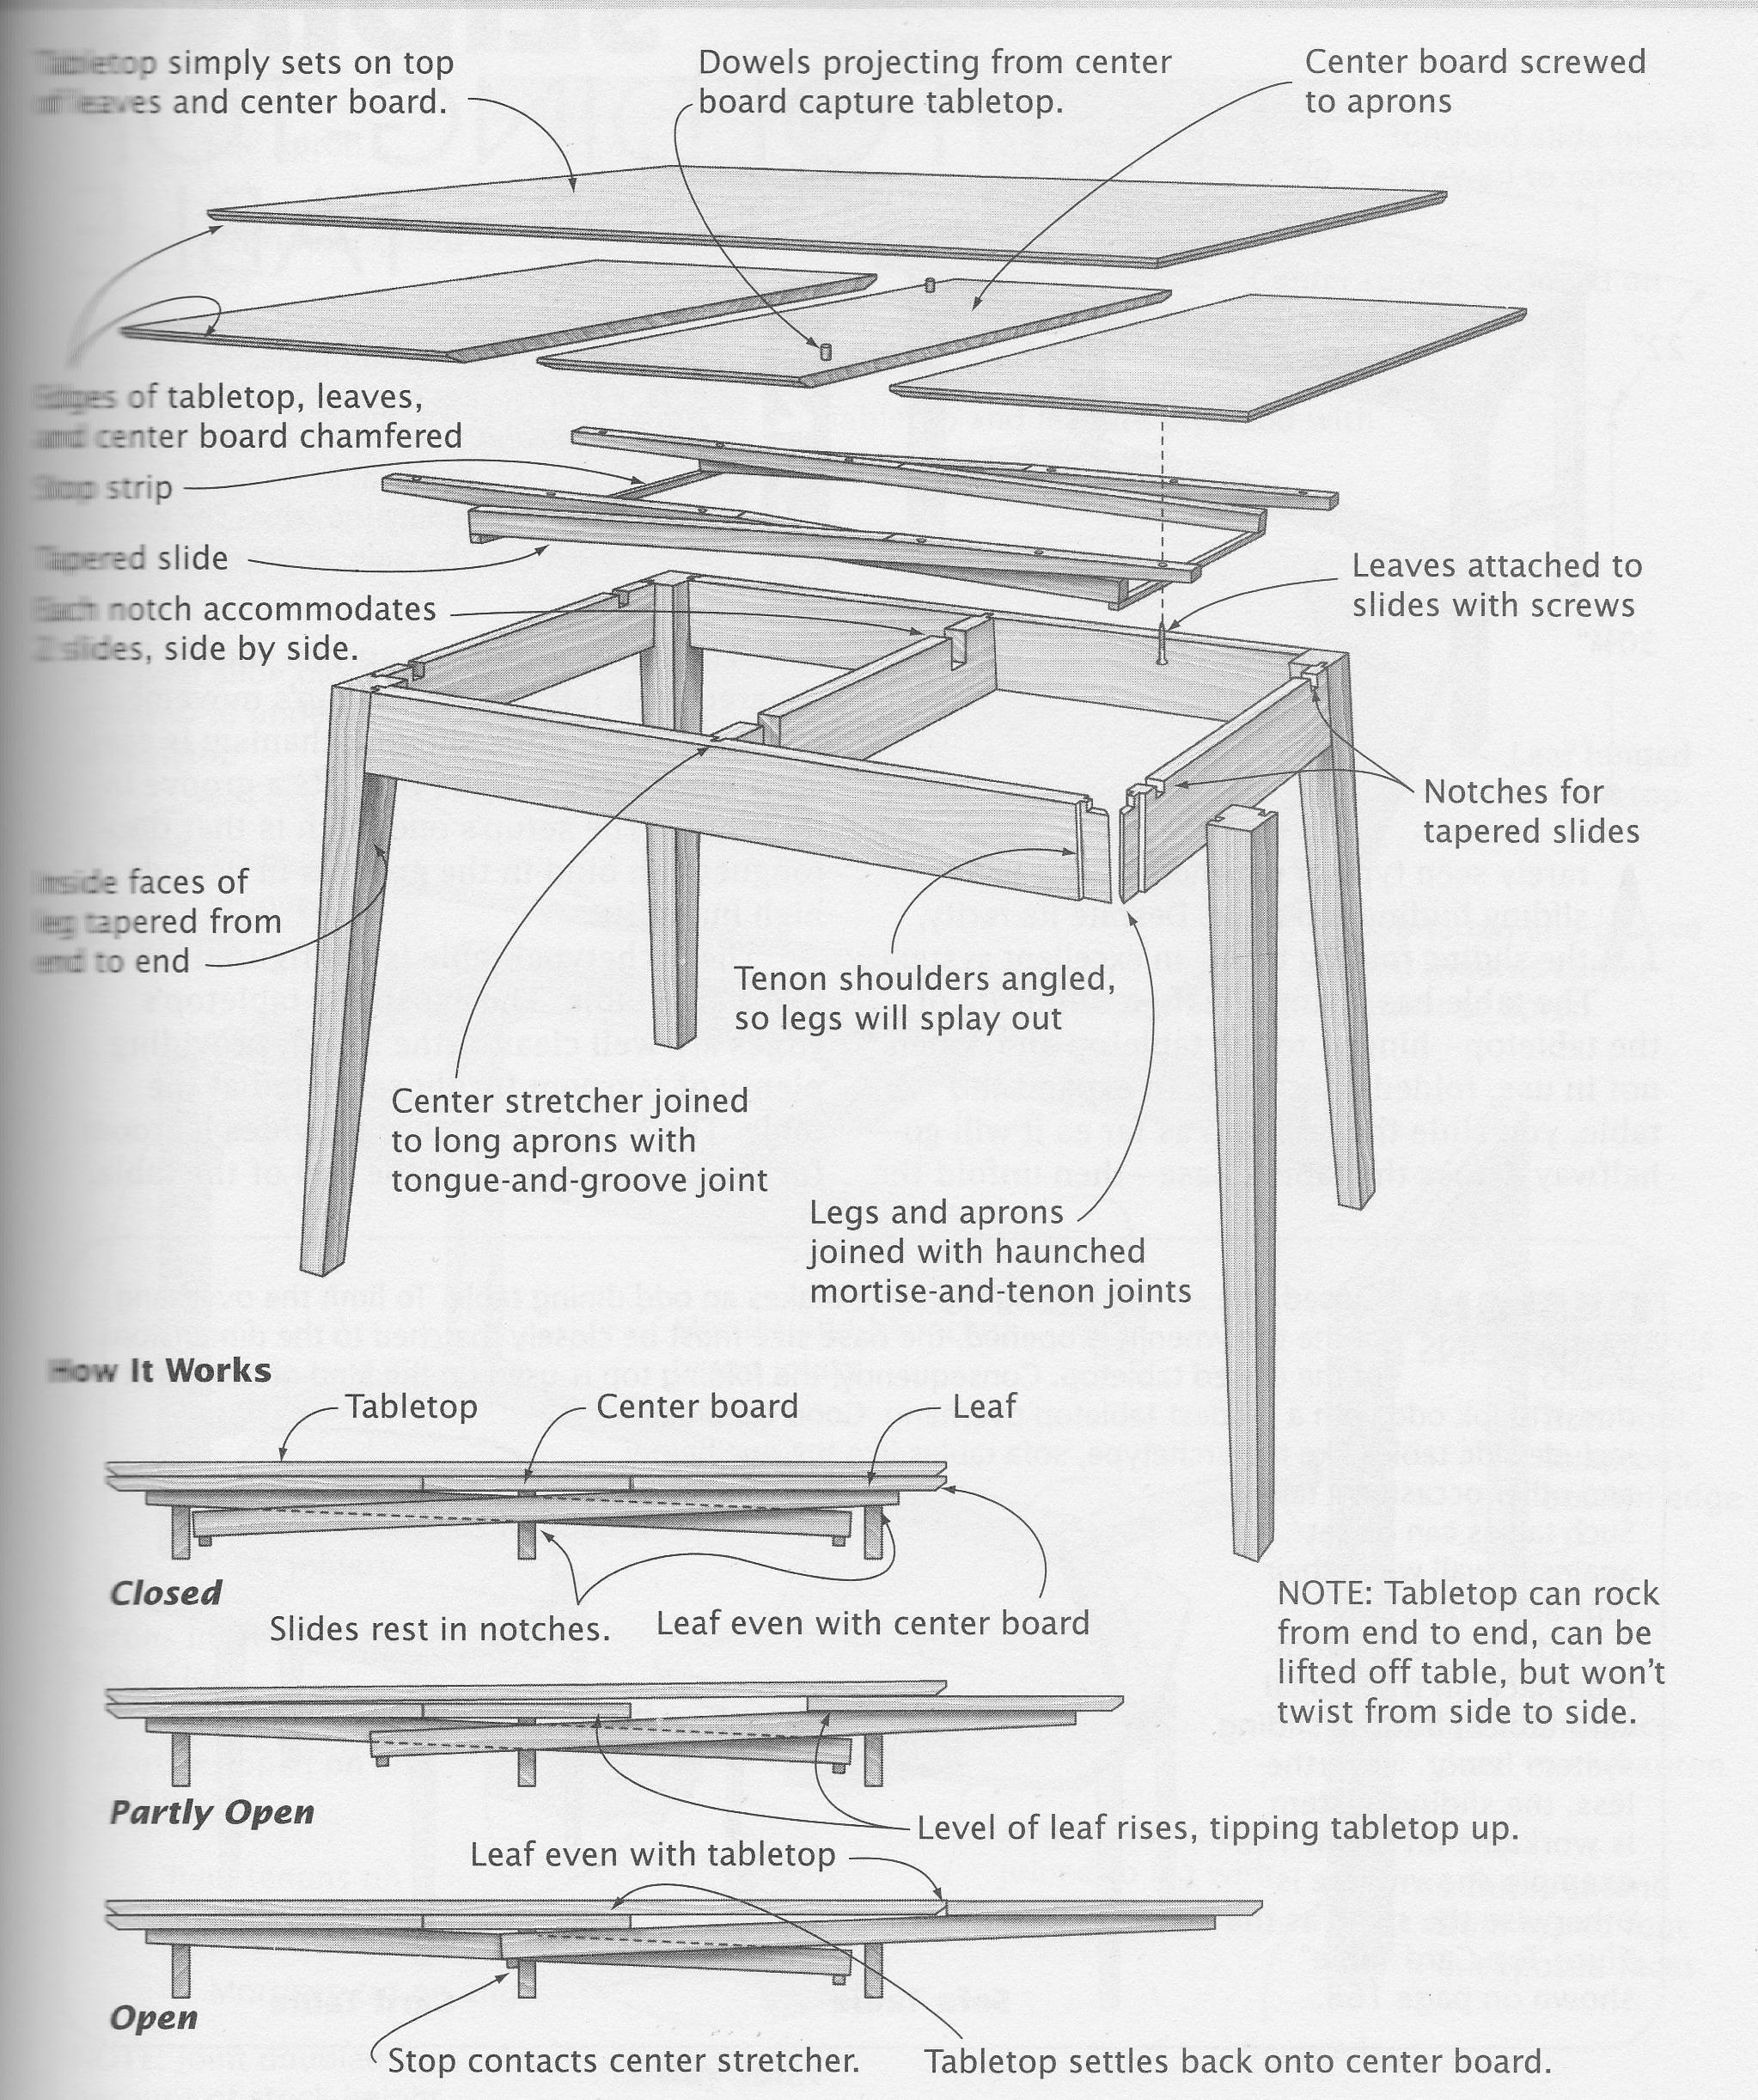 Table Leaf Dowels